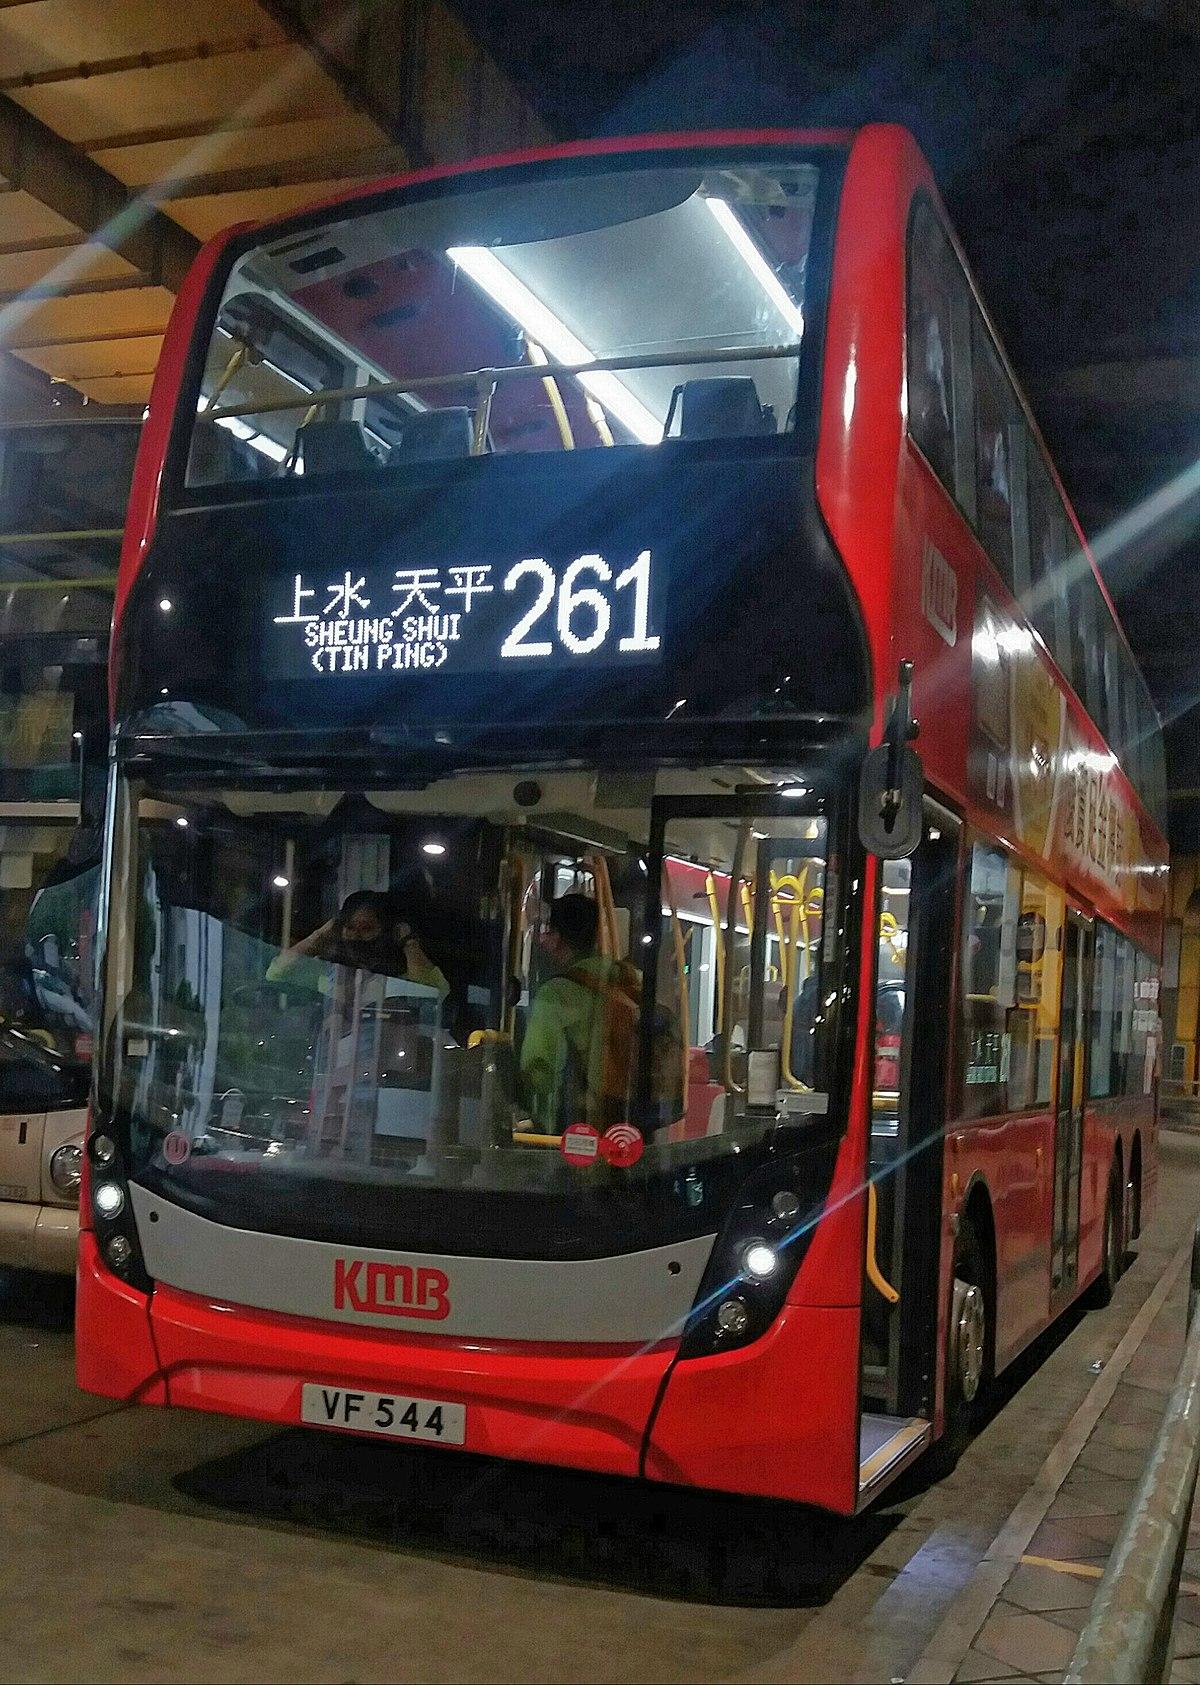 九龍巴士261線 - 維基百科, 新運路 : $13.6: 26 分鐘: a43 a43p: 5 富泰邨,自由的百科全書